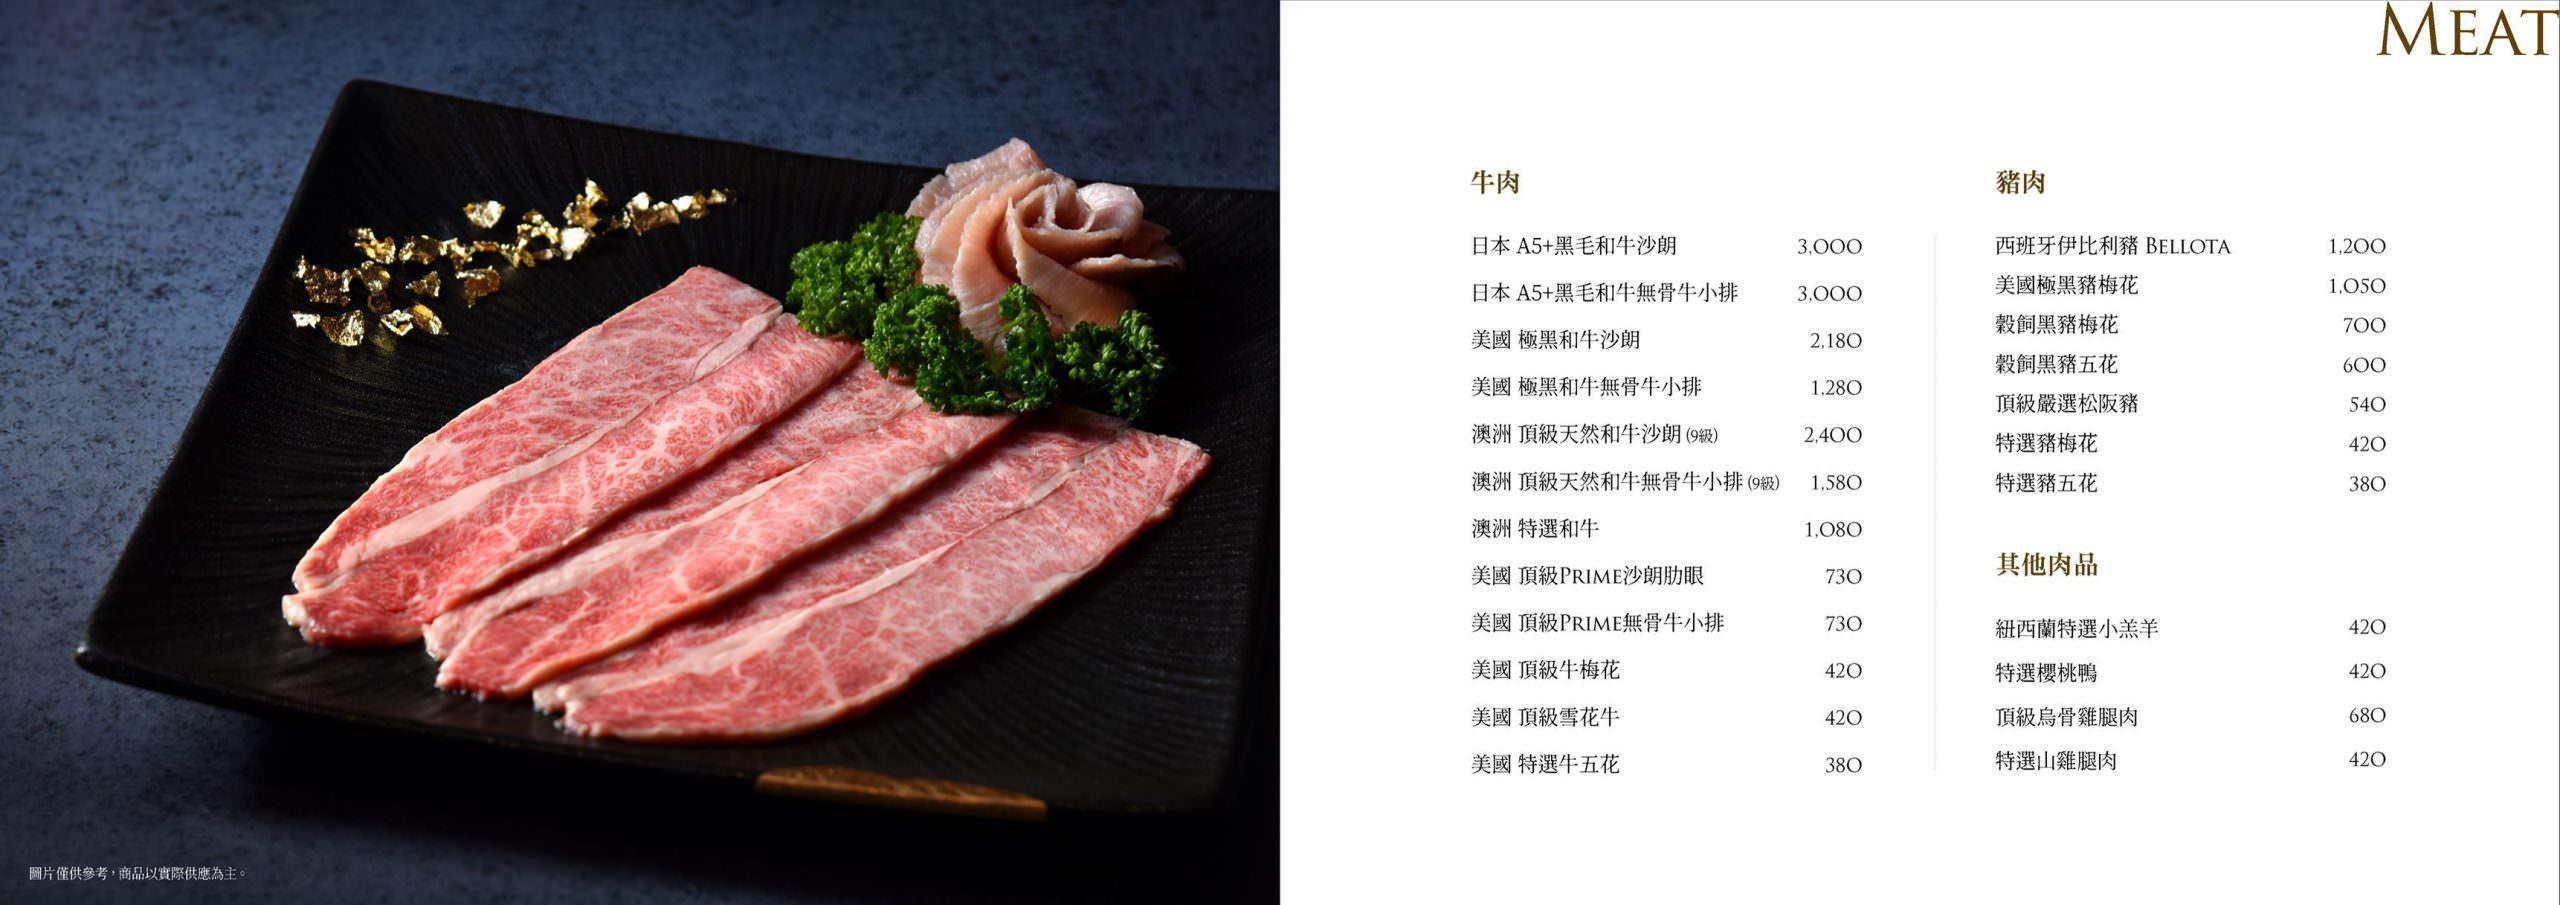 [蘆洲火鍋推薦]銅花精緻涮涮鍋-頂級VIP包廂海鮮頂級和牛 活龍蝦買一送一太浮誇 @美食好芃友